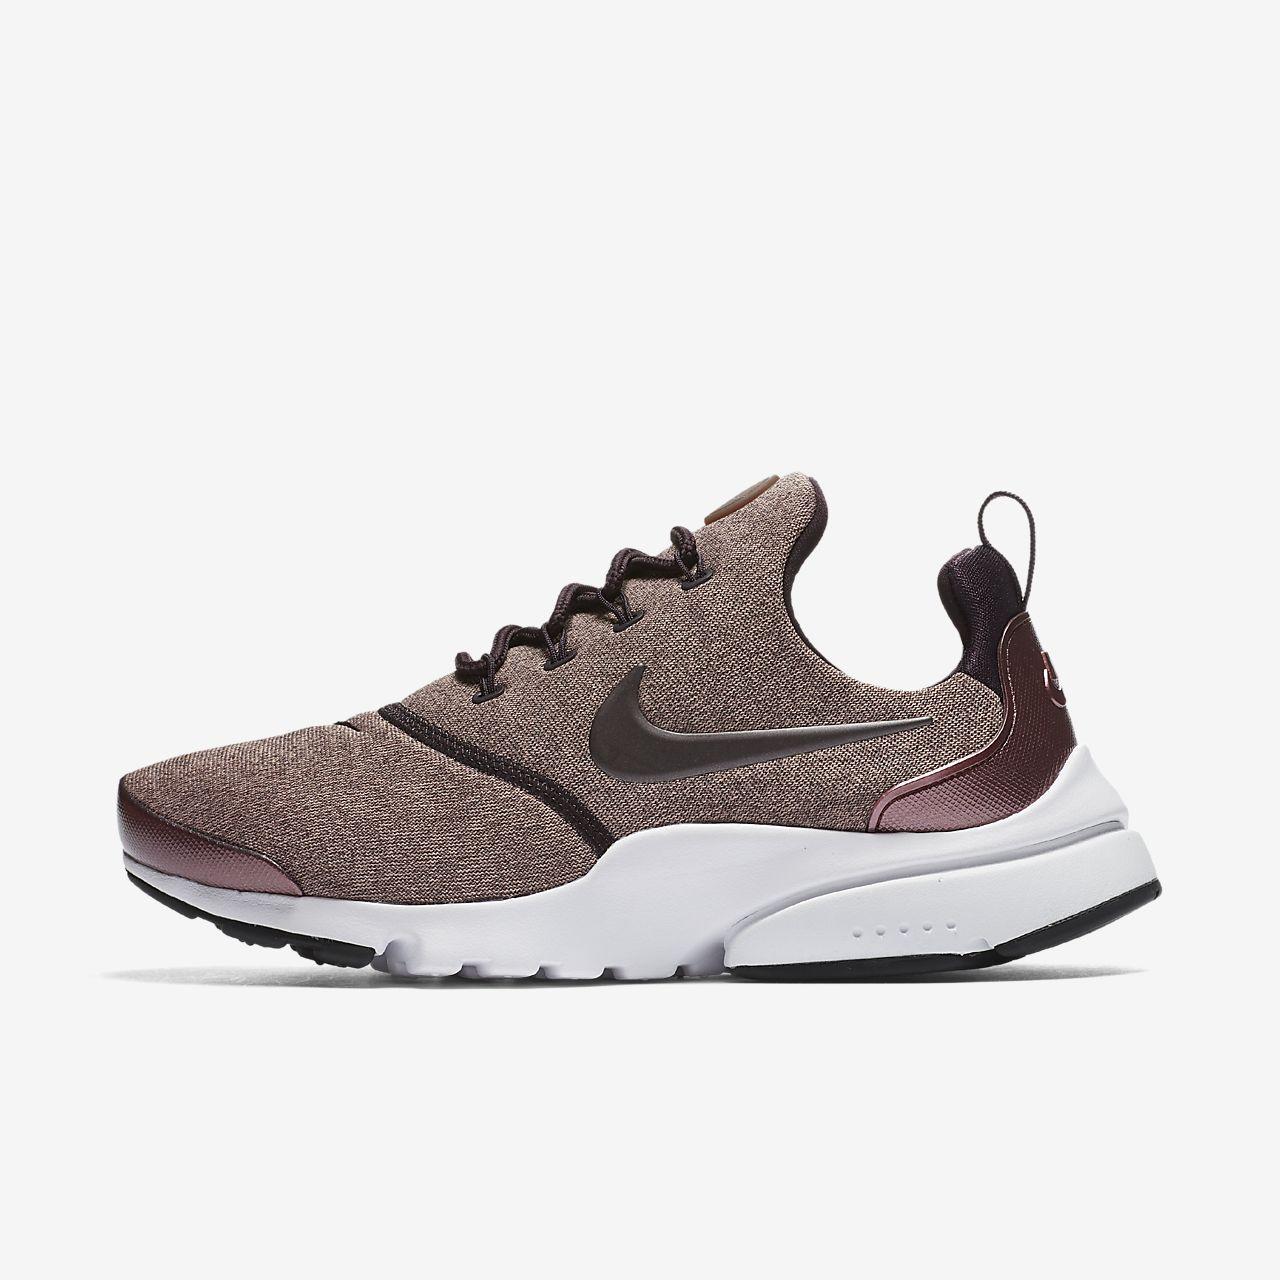 ... Nike Presto Fly SE Women's Shoe